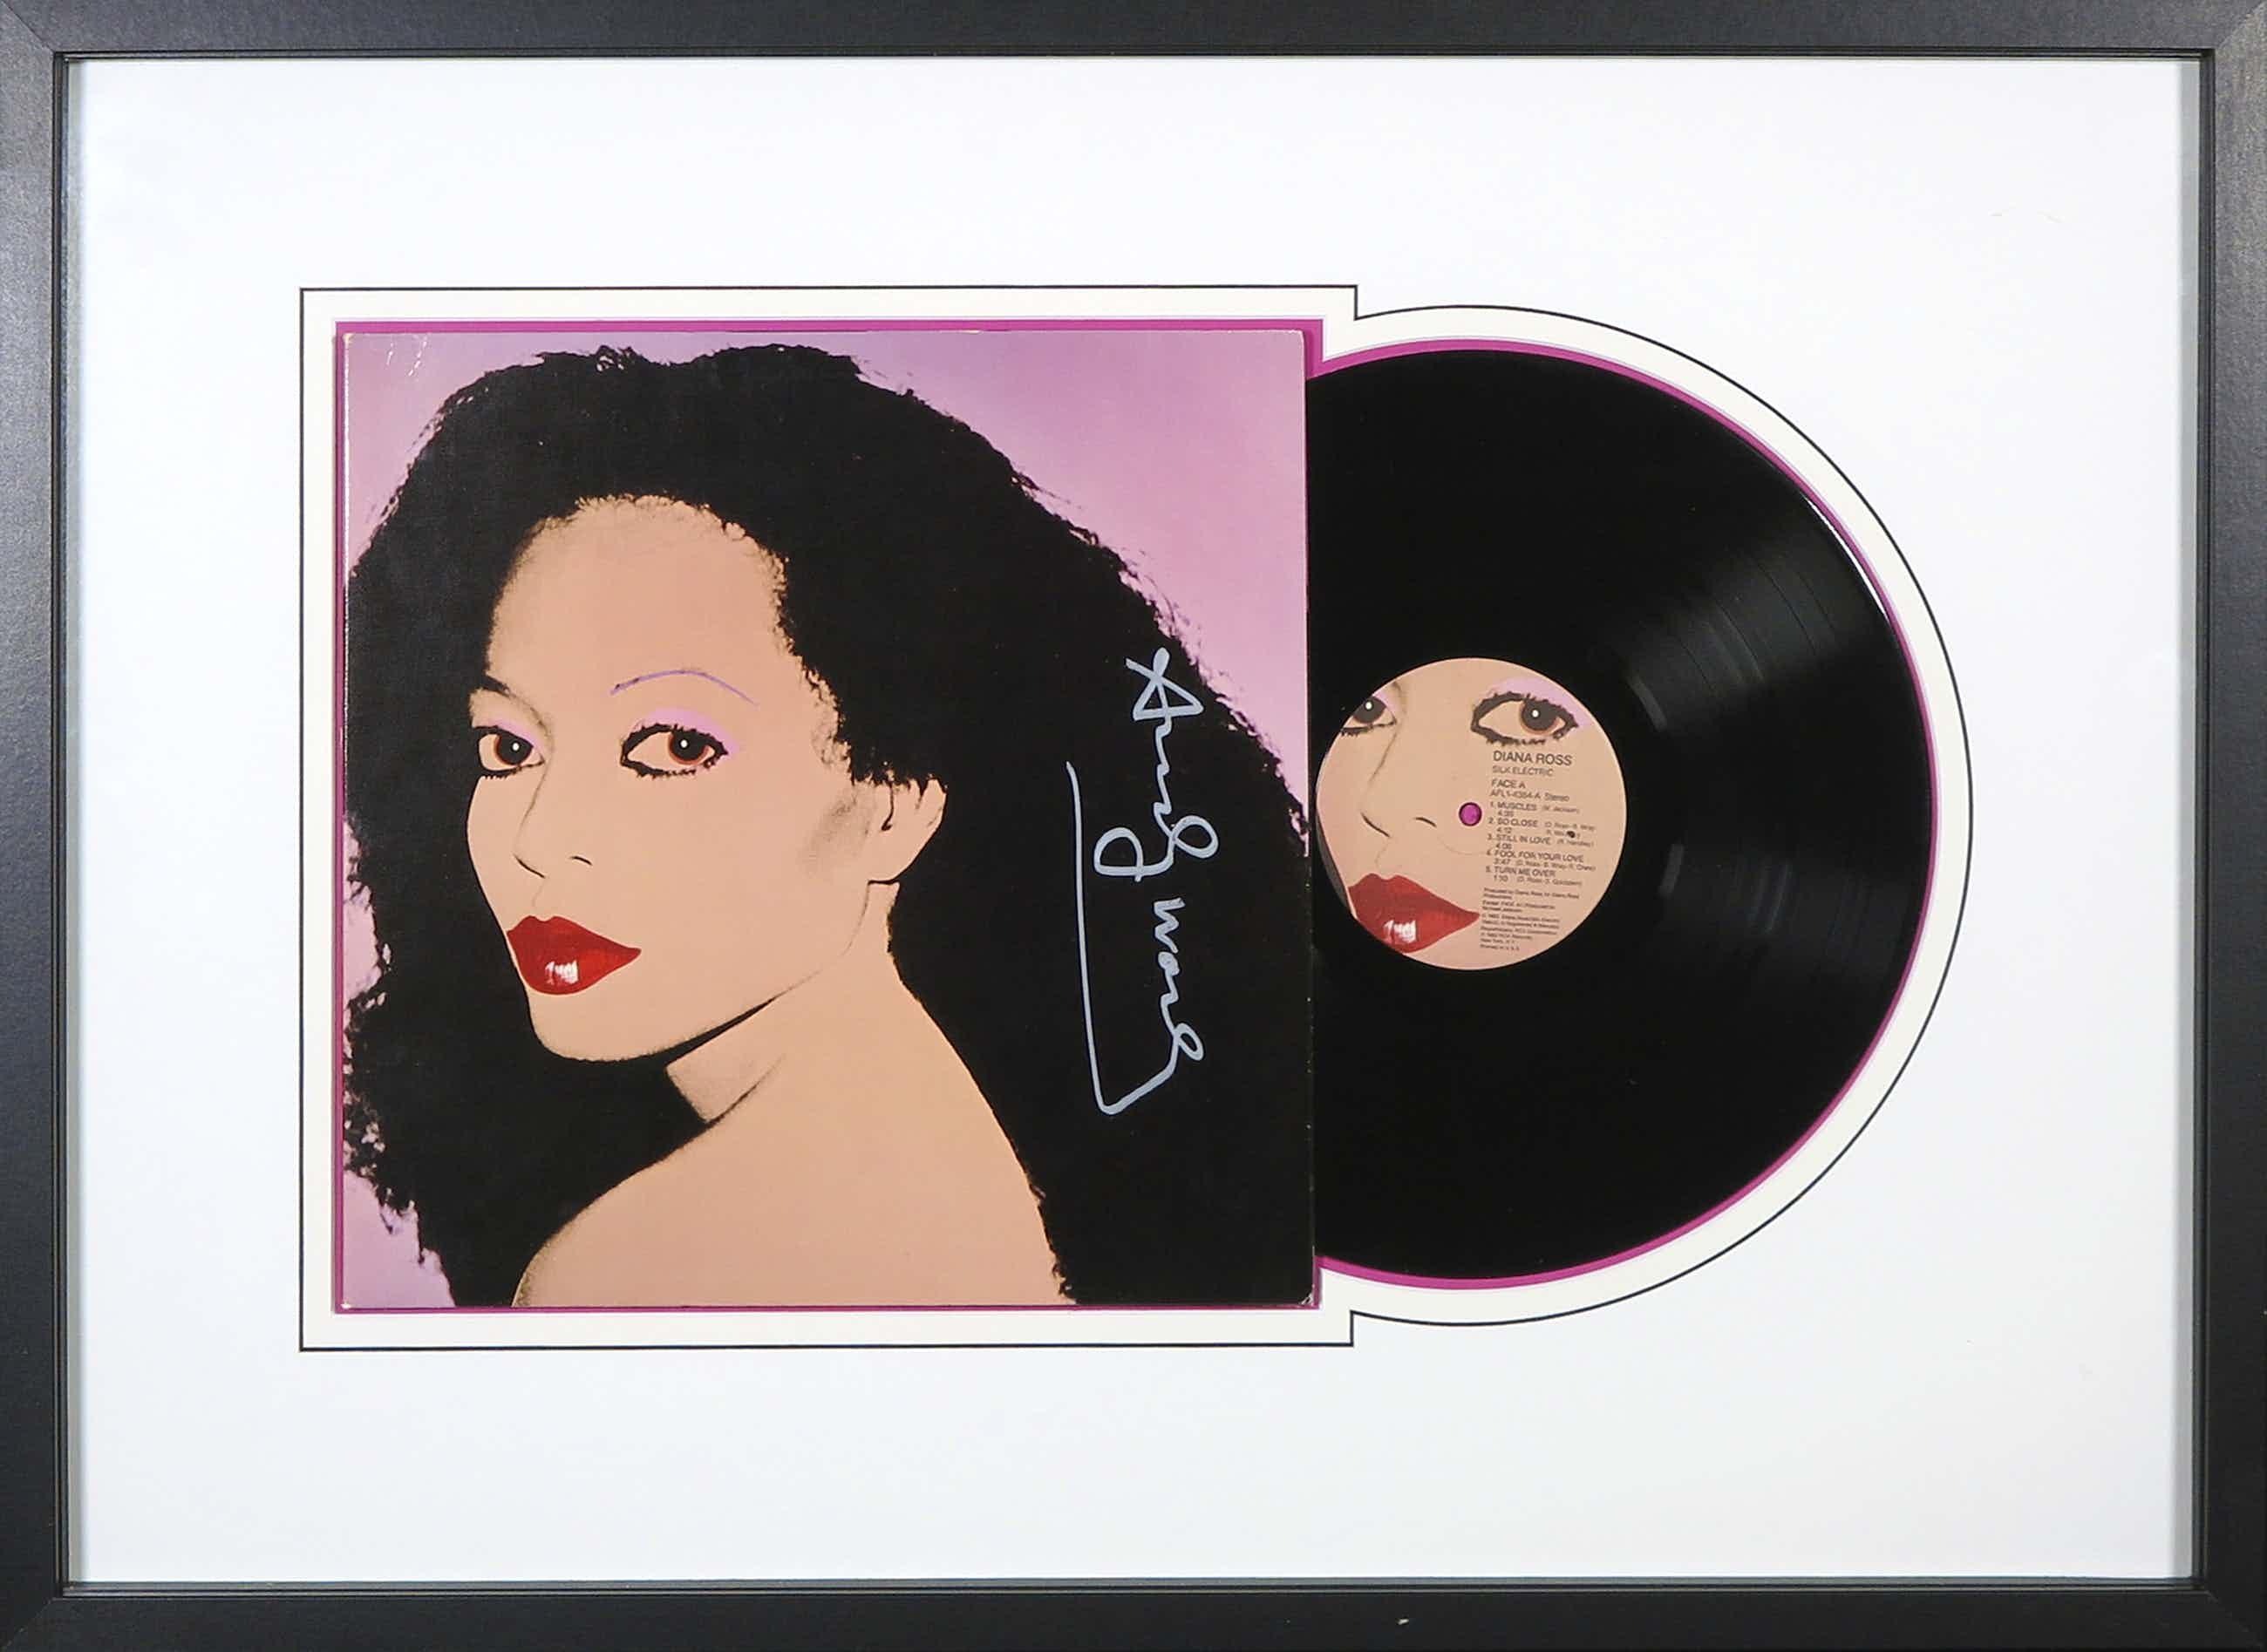 Andy Warhol - Handgesigneerde LP-hoes album Silk Electric van Diana Ross- Ingelijst kopen? Bied vanaf 775!